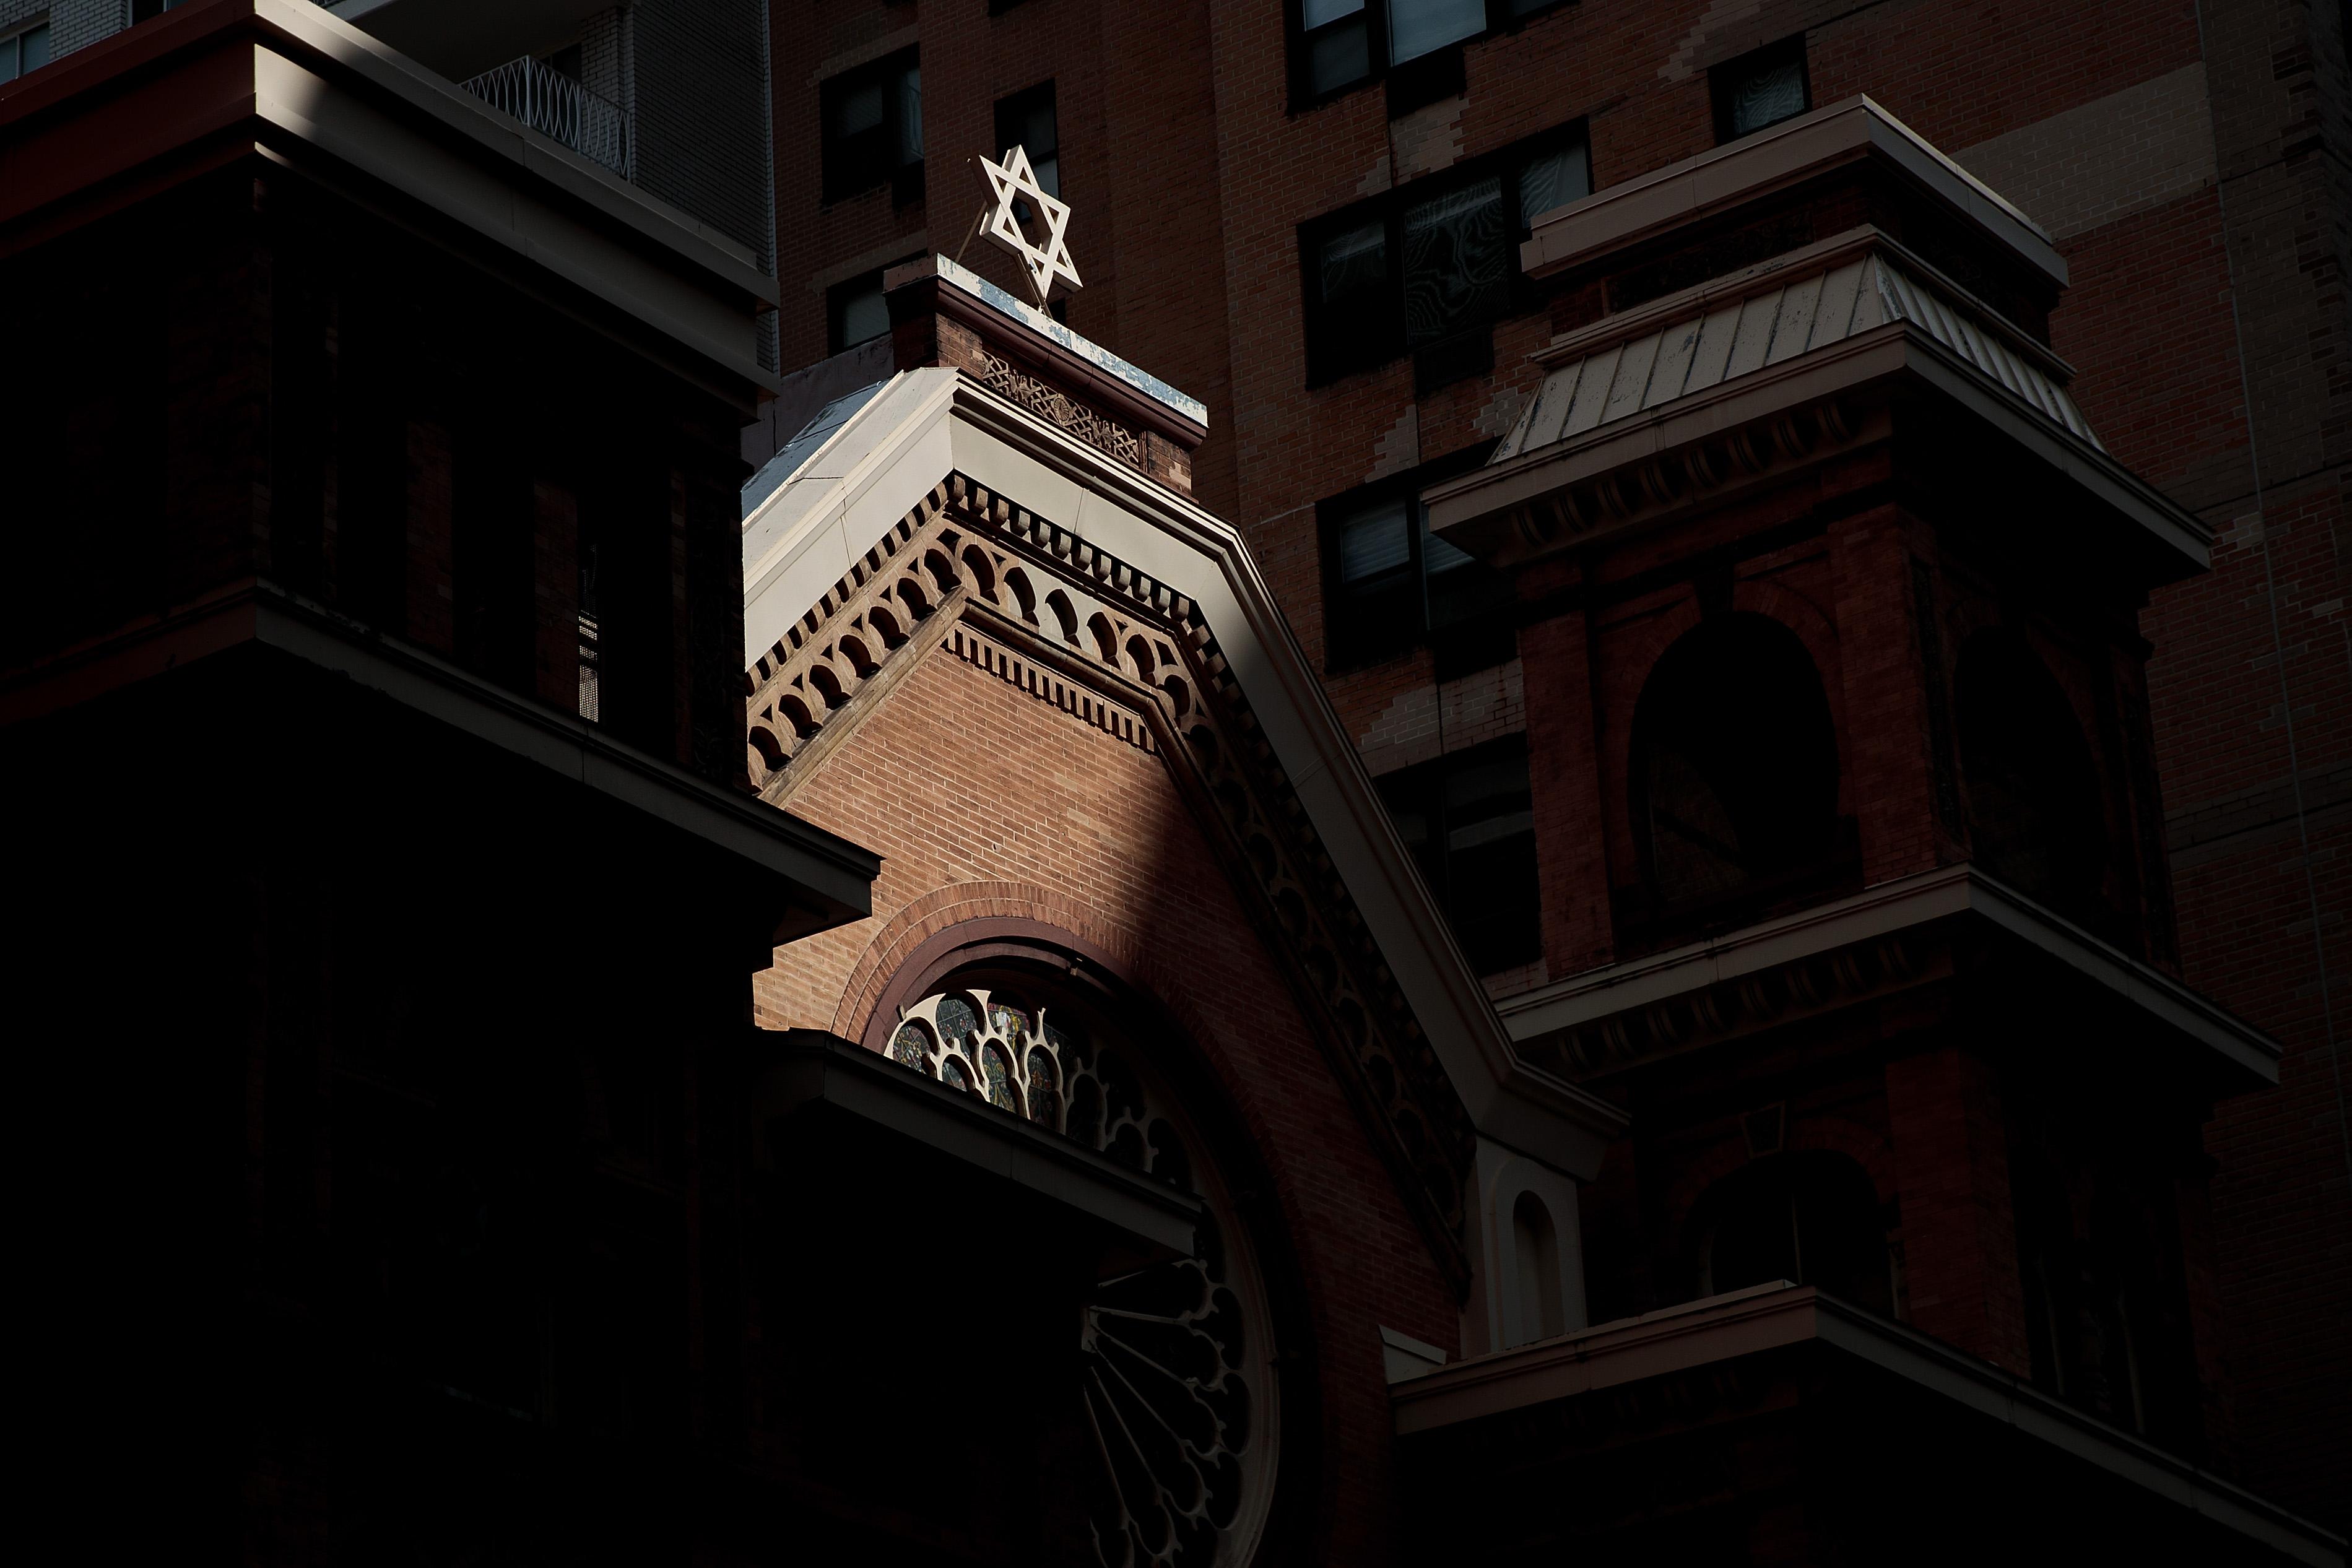 NY Rep. Carolyn Maloney Condemns Wave Of Anti-Semitism At NYC Synagogue